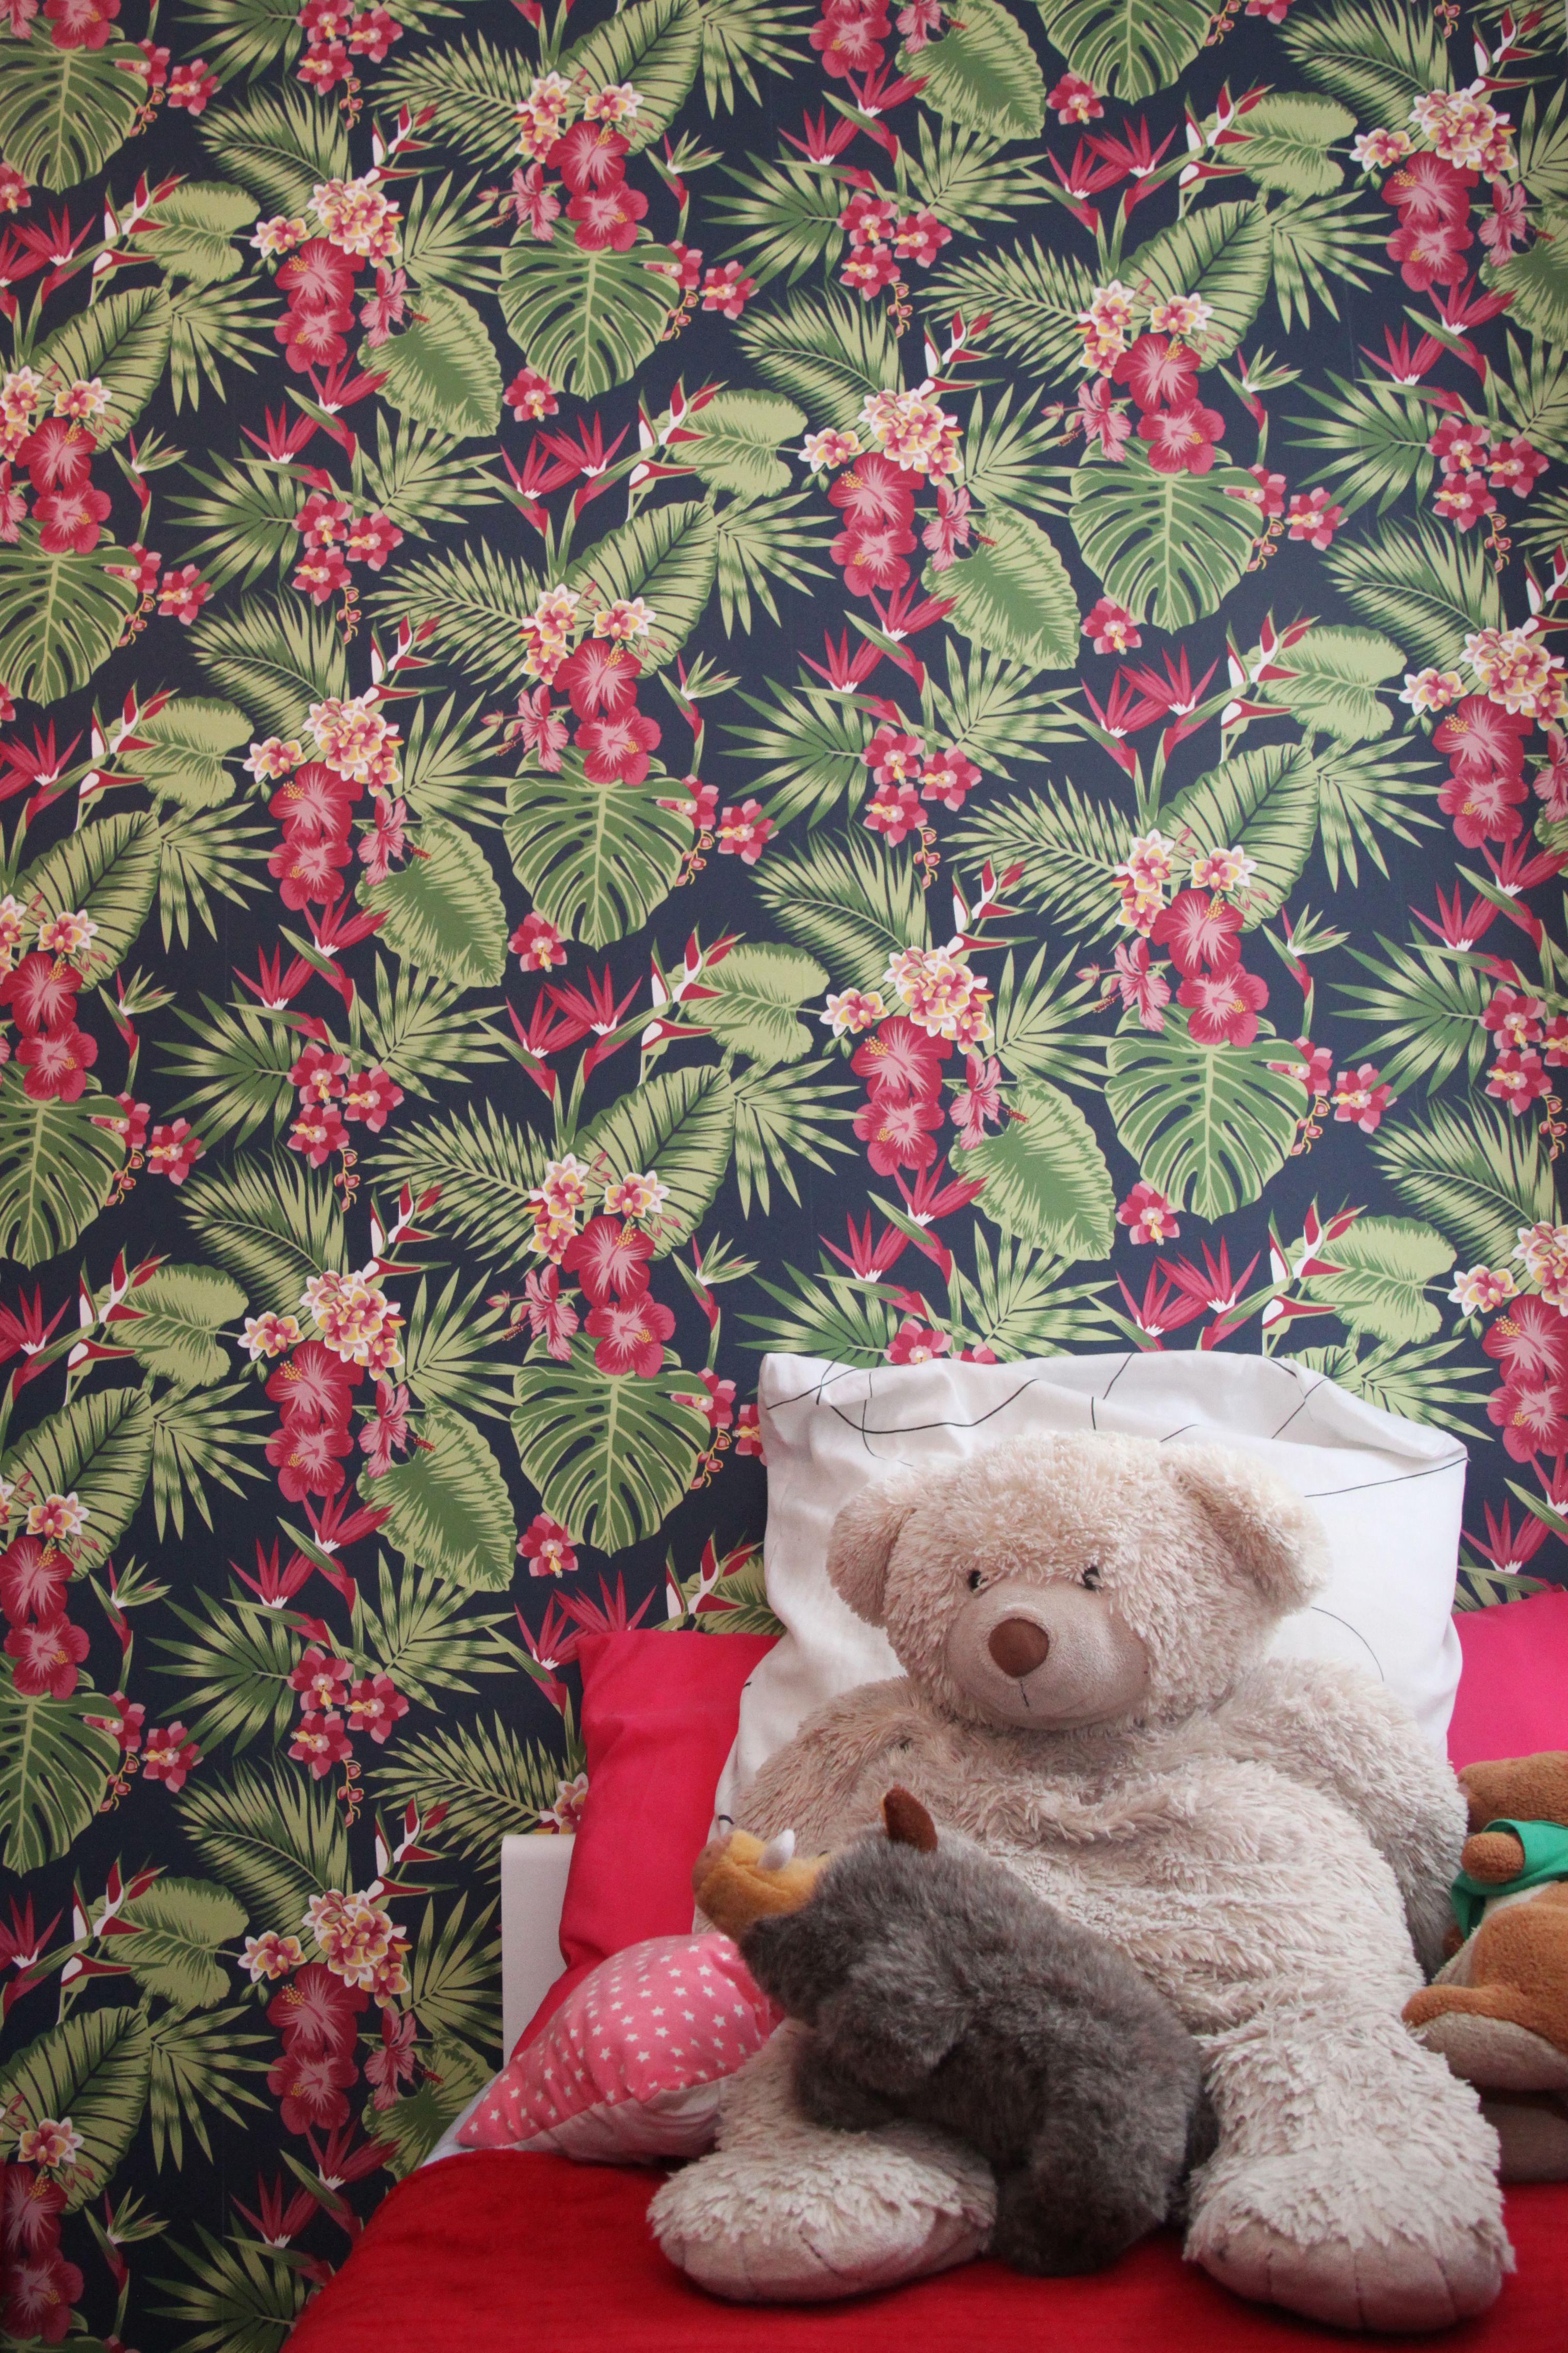 Papier Peint Tropical Rose Vert Noir Dans Chambre Chambres De Koya